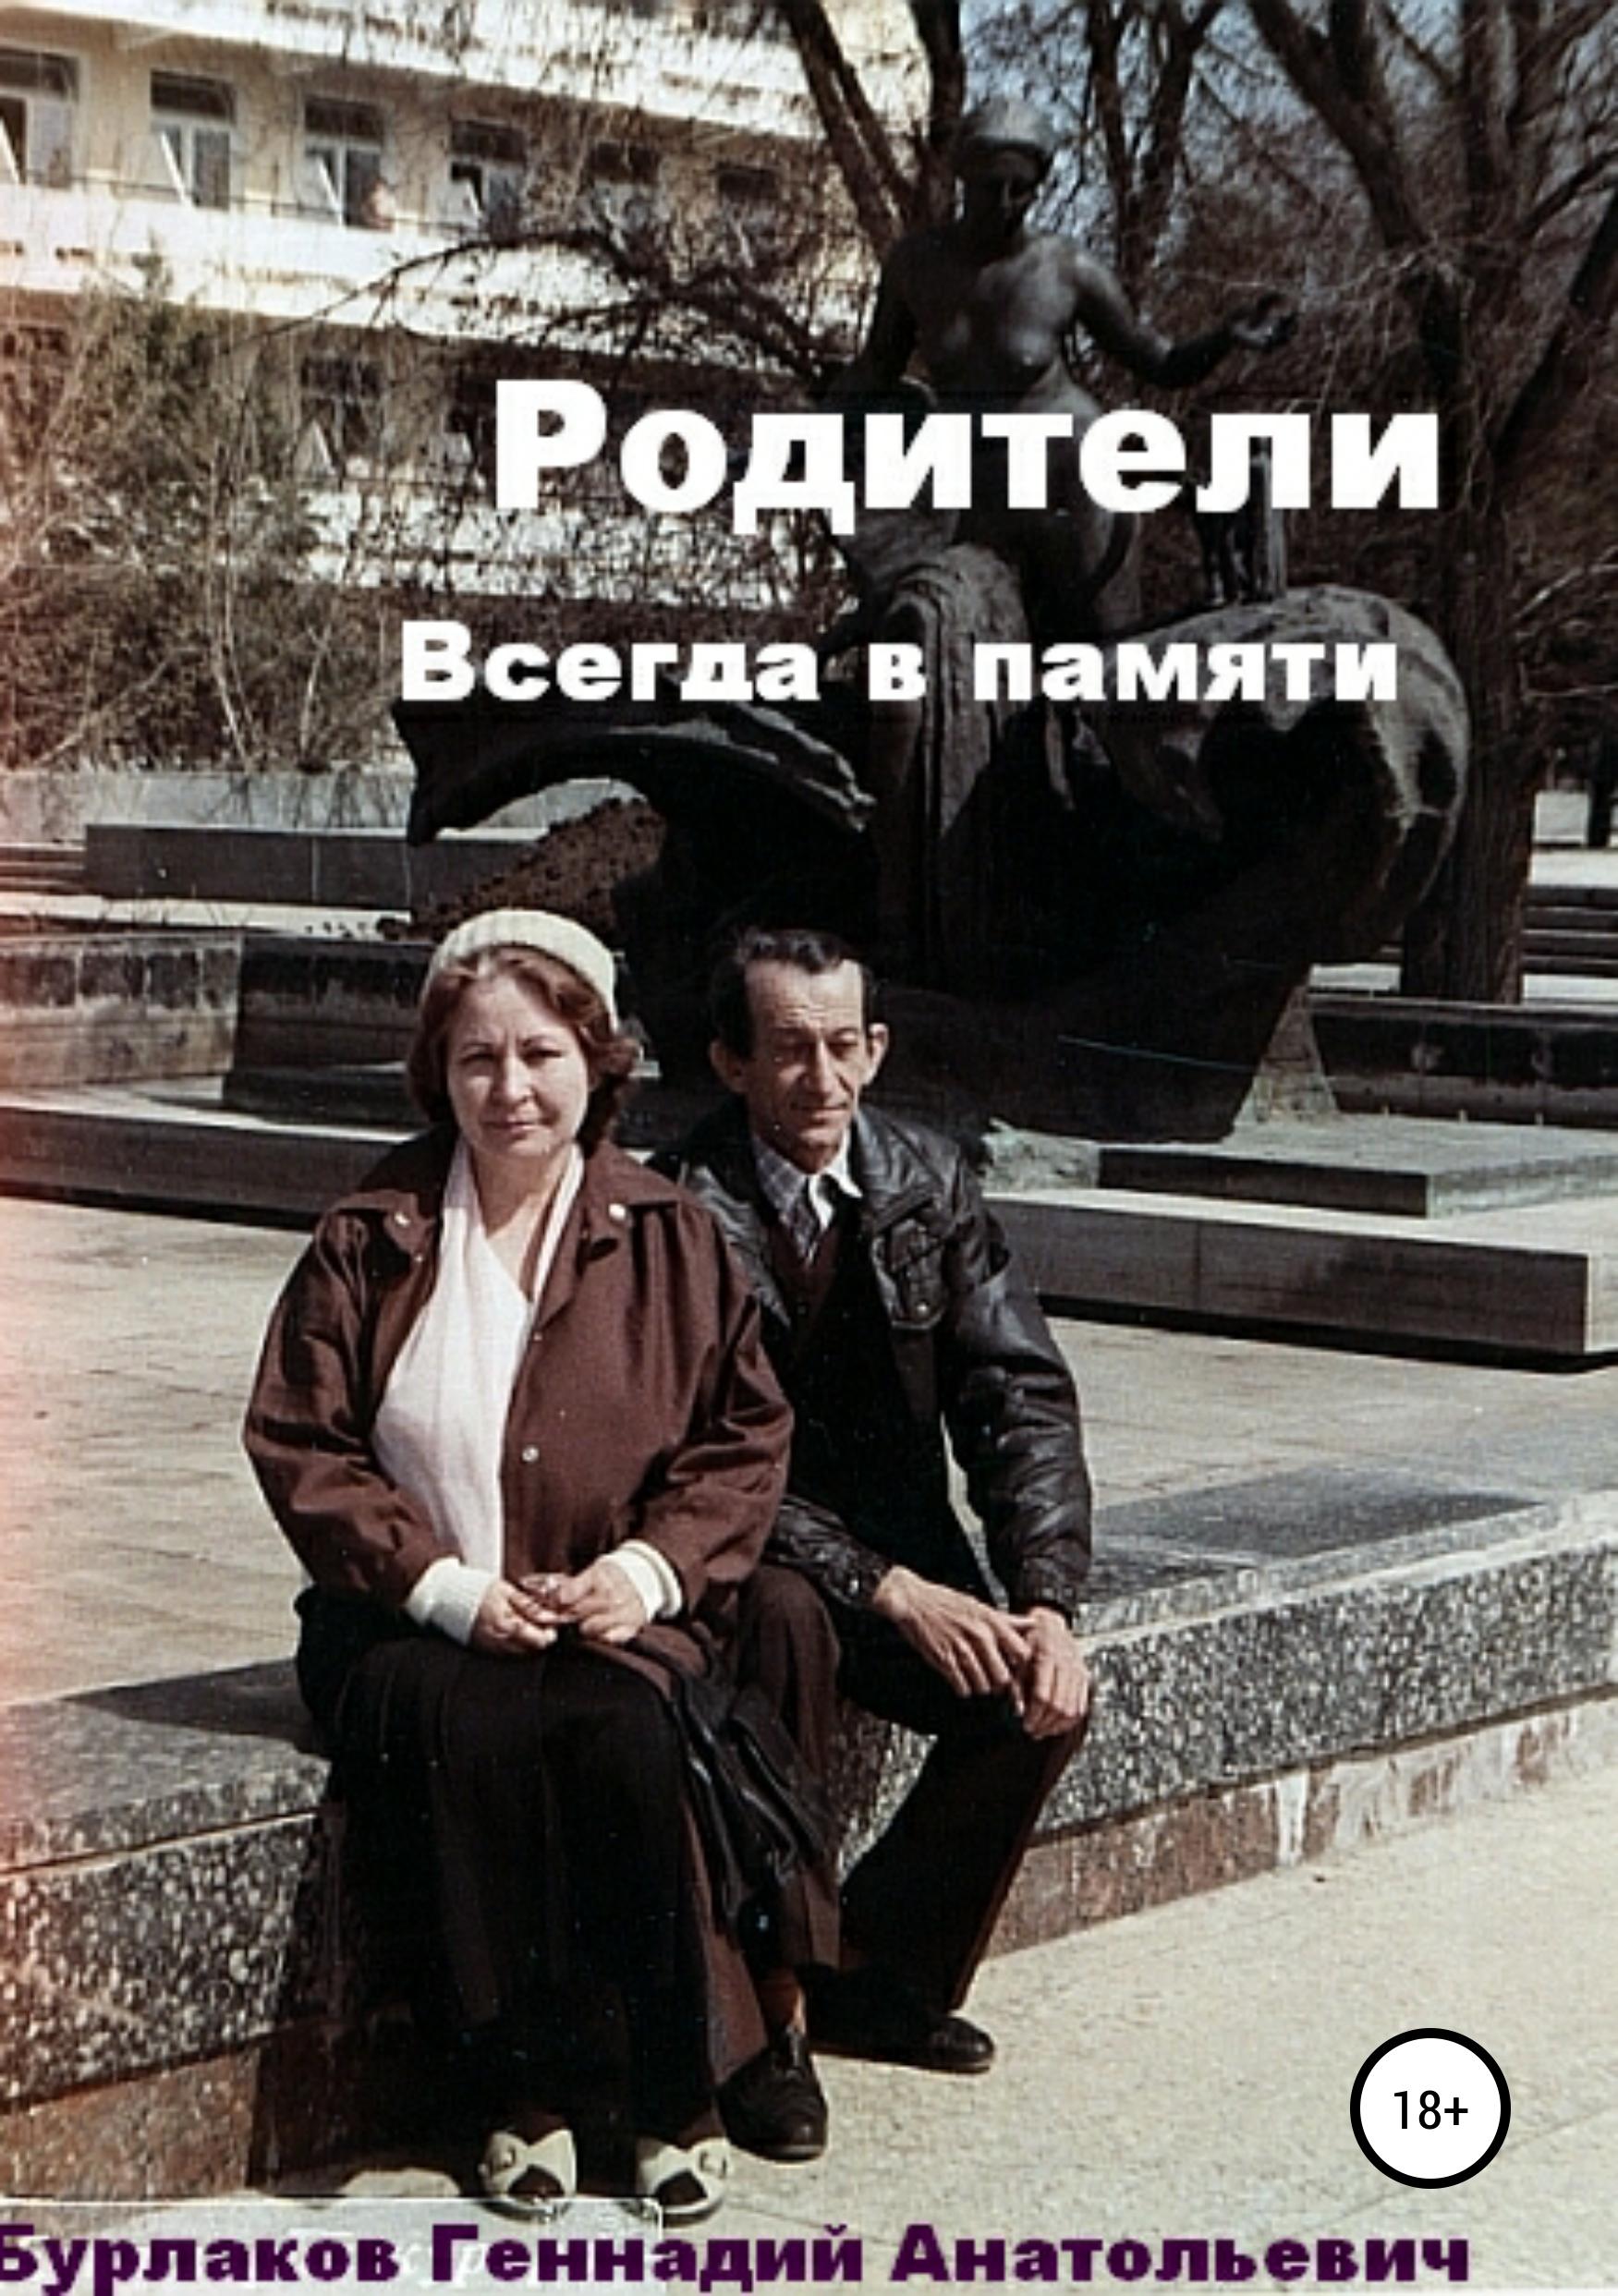 Геннадий Анатольевич Бурлаков Родители геннадий анатольевич бурлаков медицинская рота